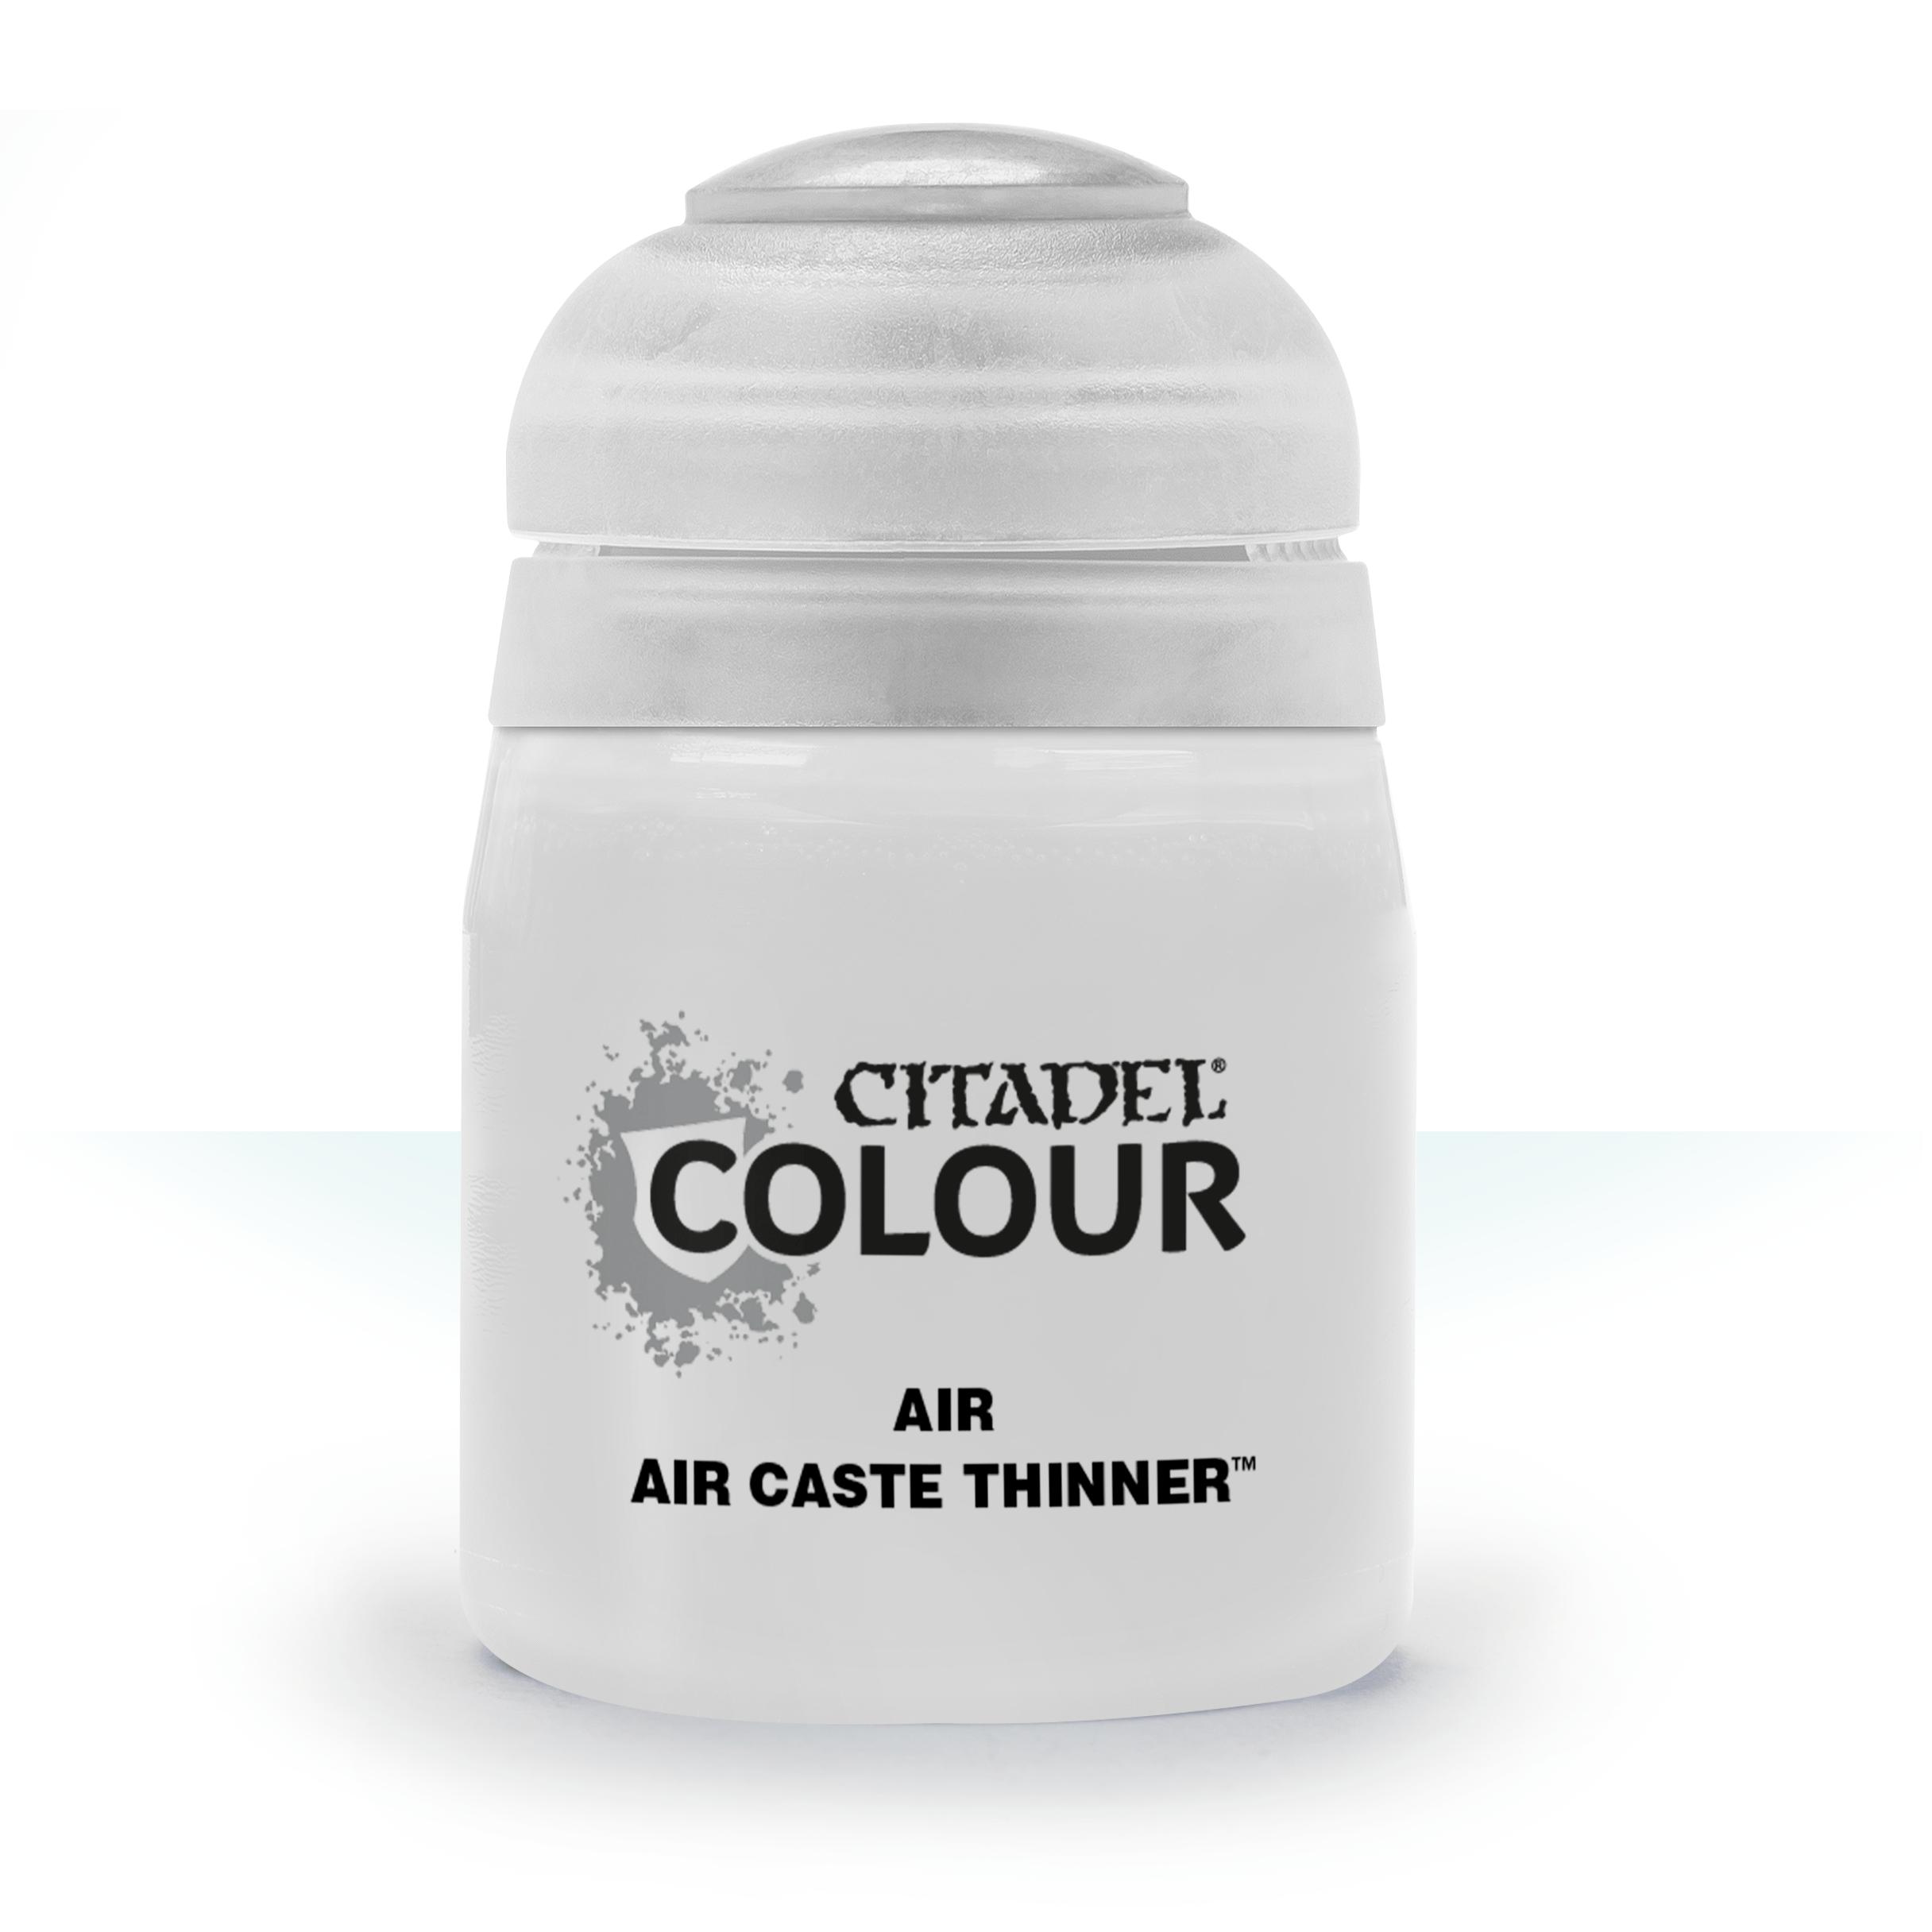 Air Caste Thinner, Citadel Air 24ml